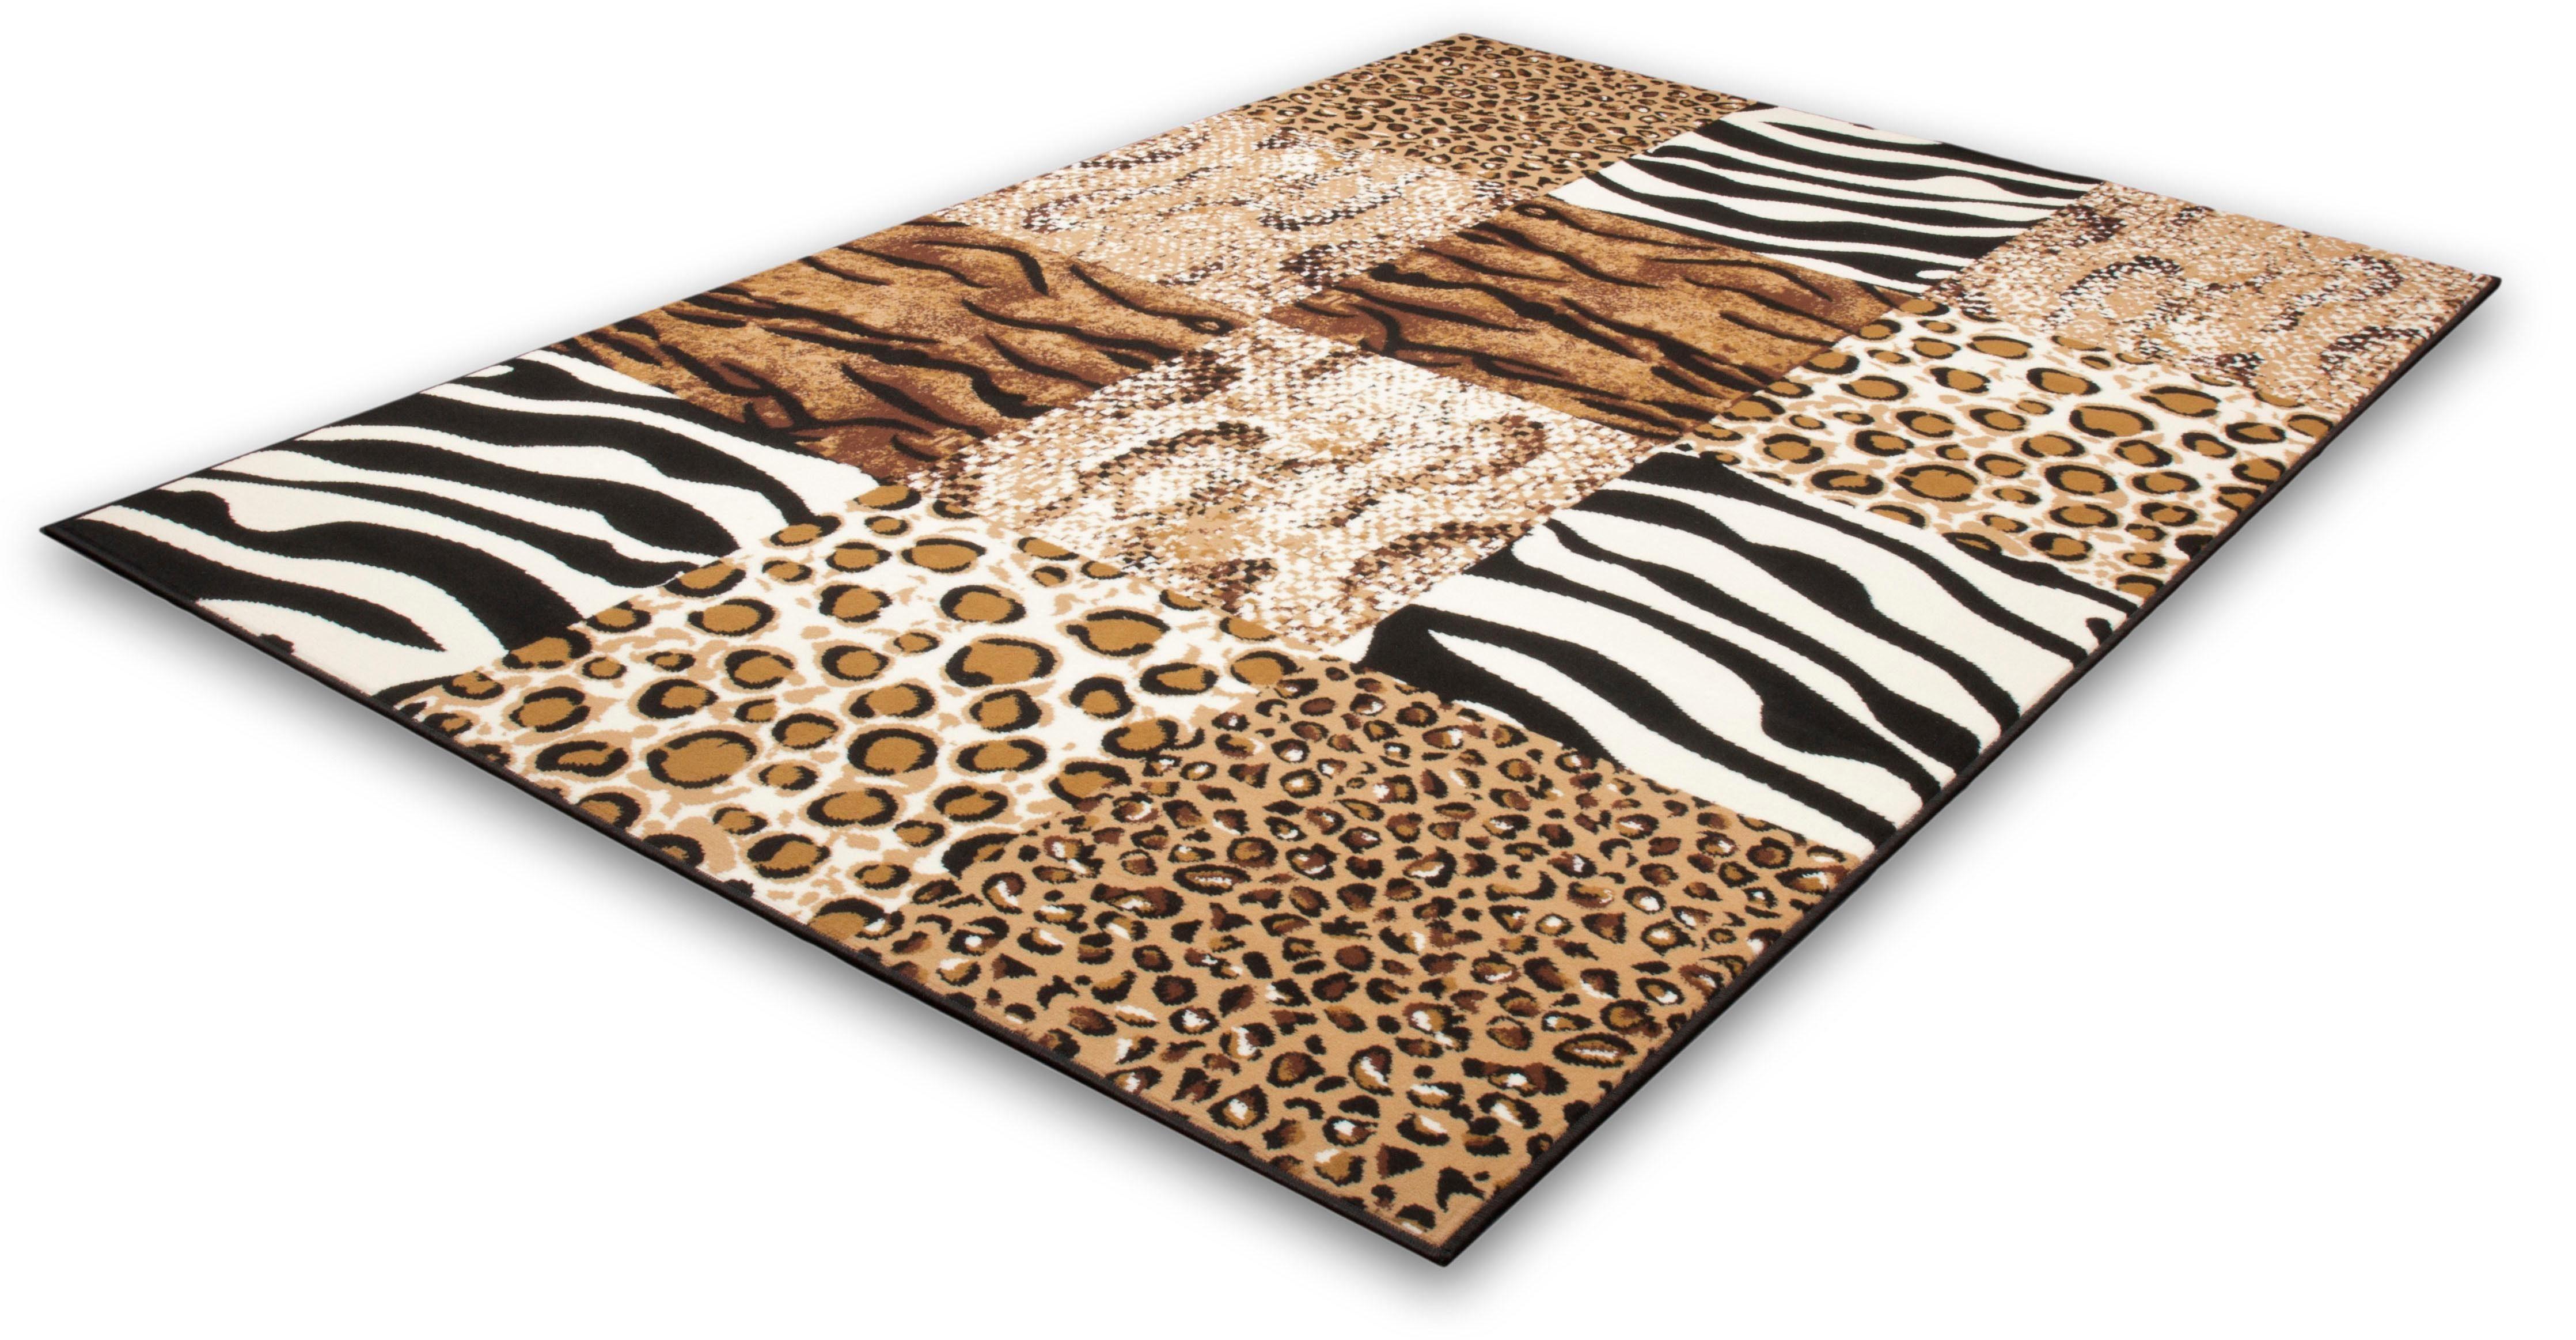 Teppich Jesse 130 calo-deluxe rechteckig Höhe 10 mm maschinell gewebt